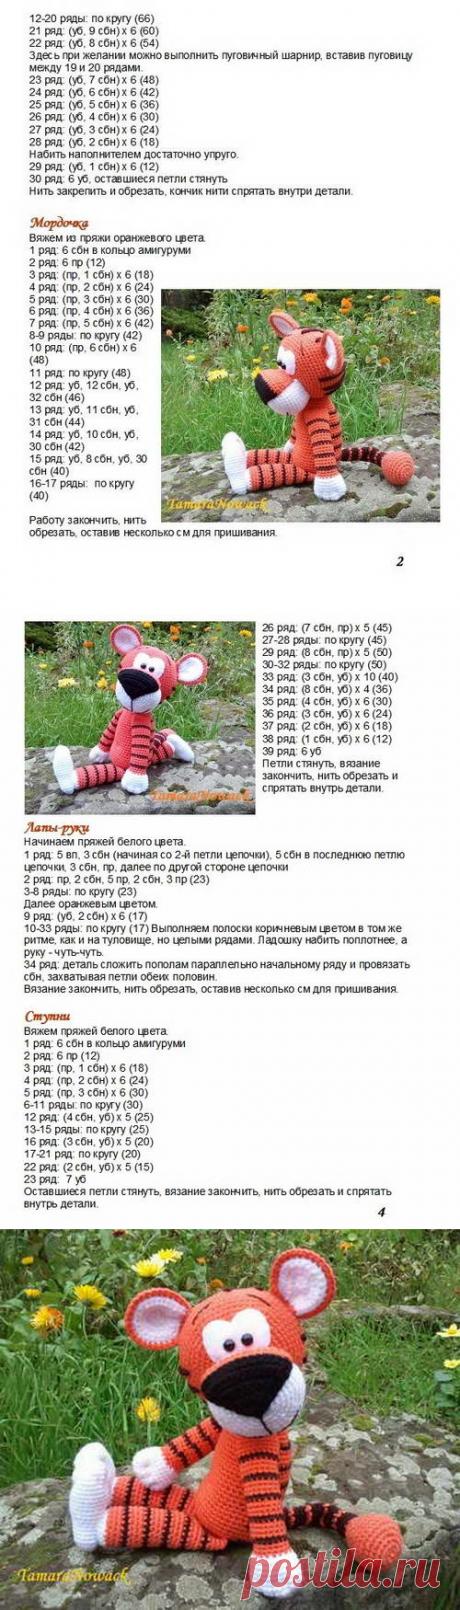 Мягкая игрушка тигр - схема вязания крючком. | Укрась свой мир!